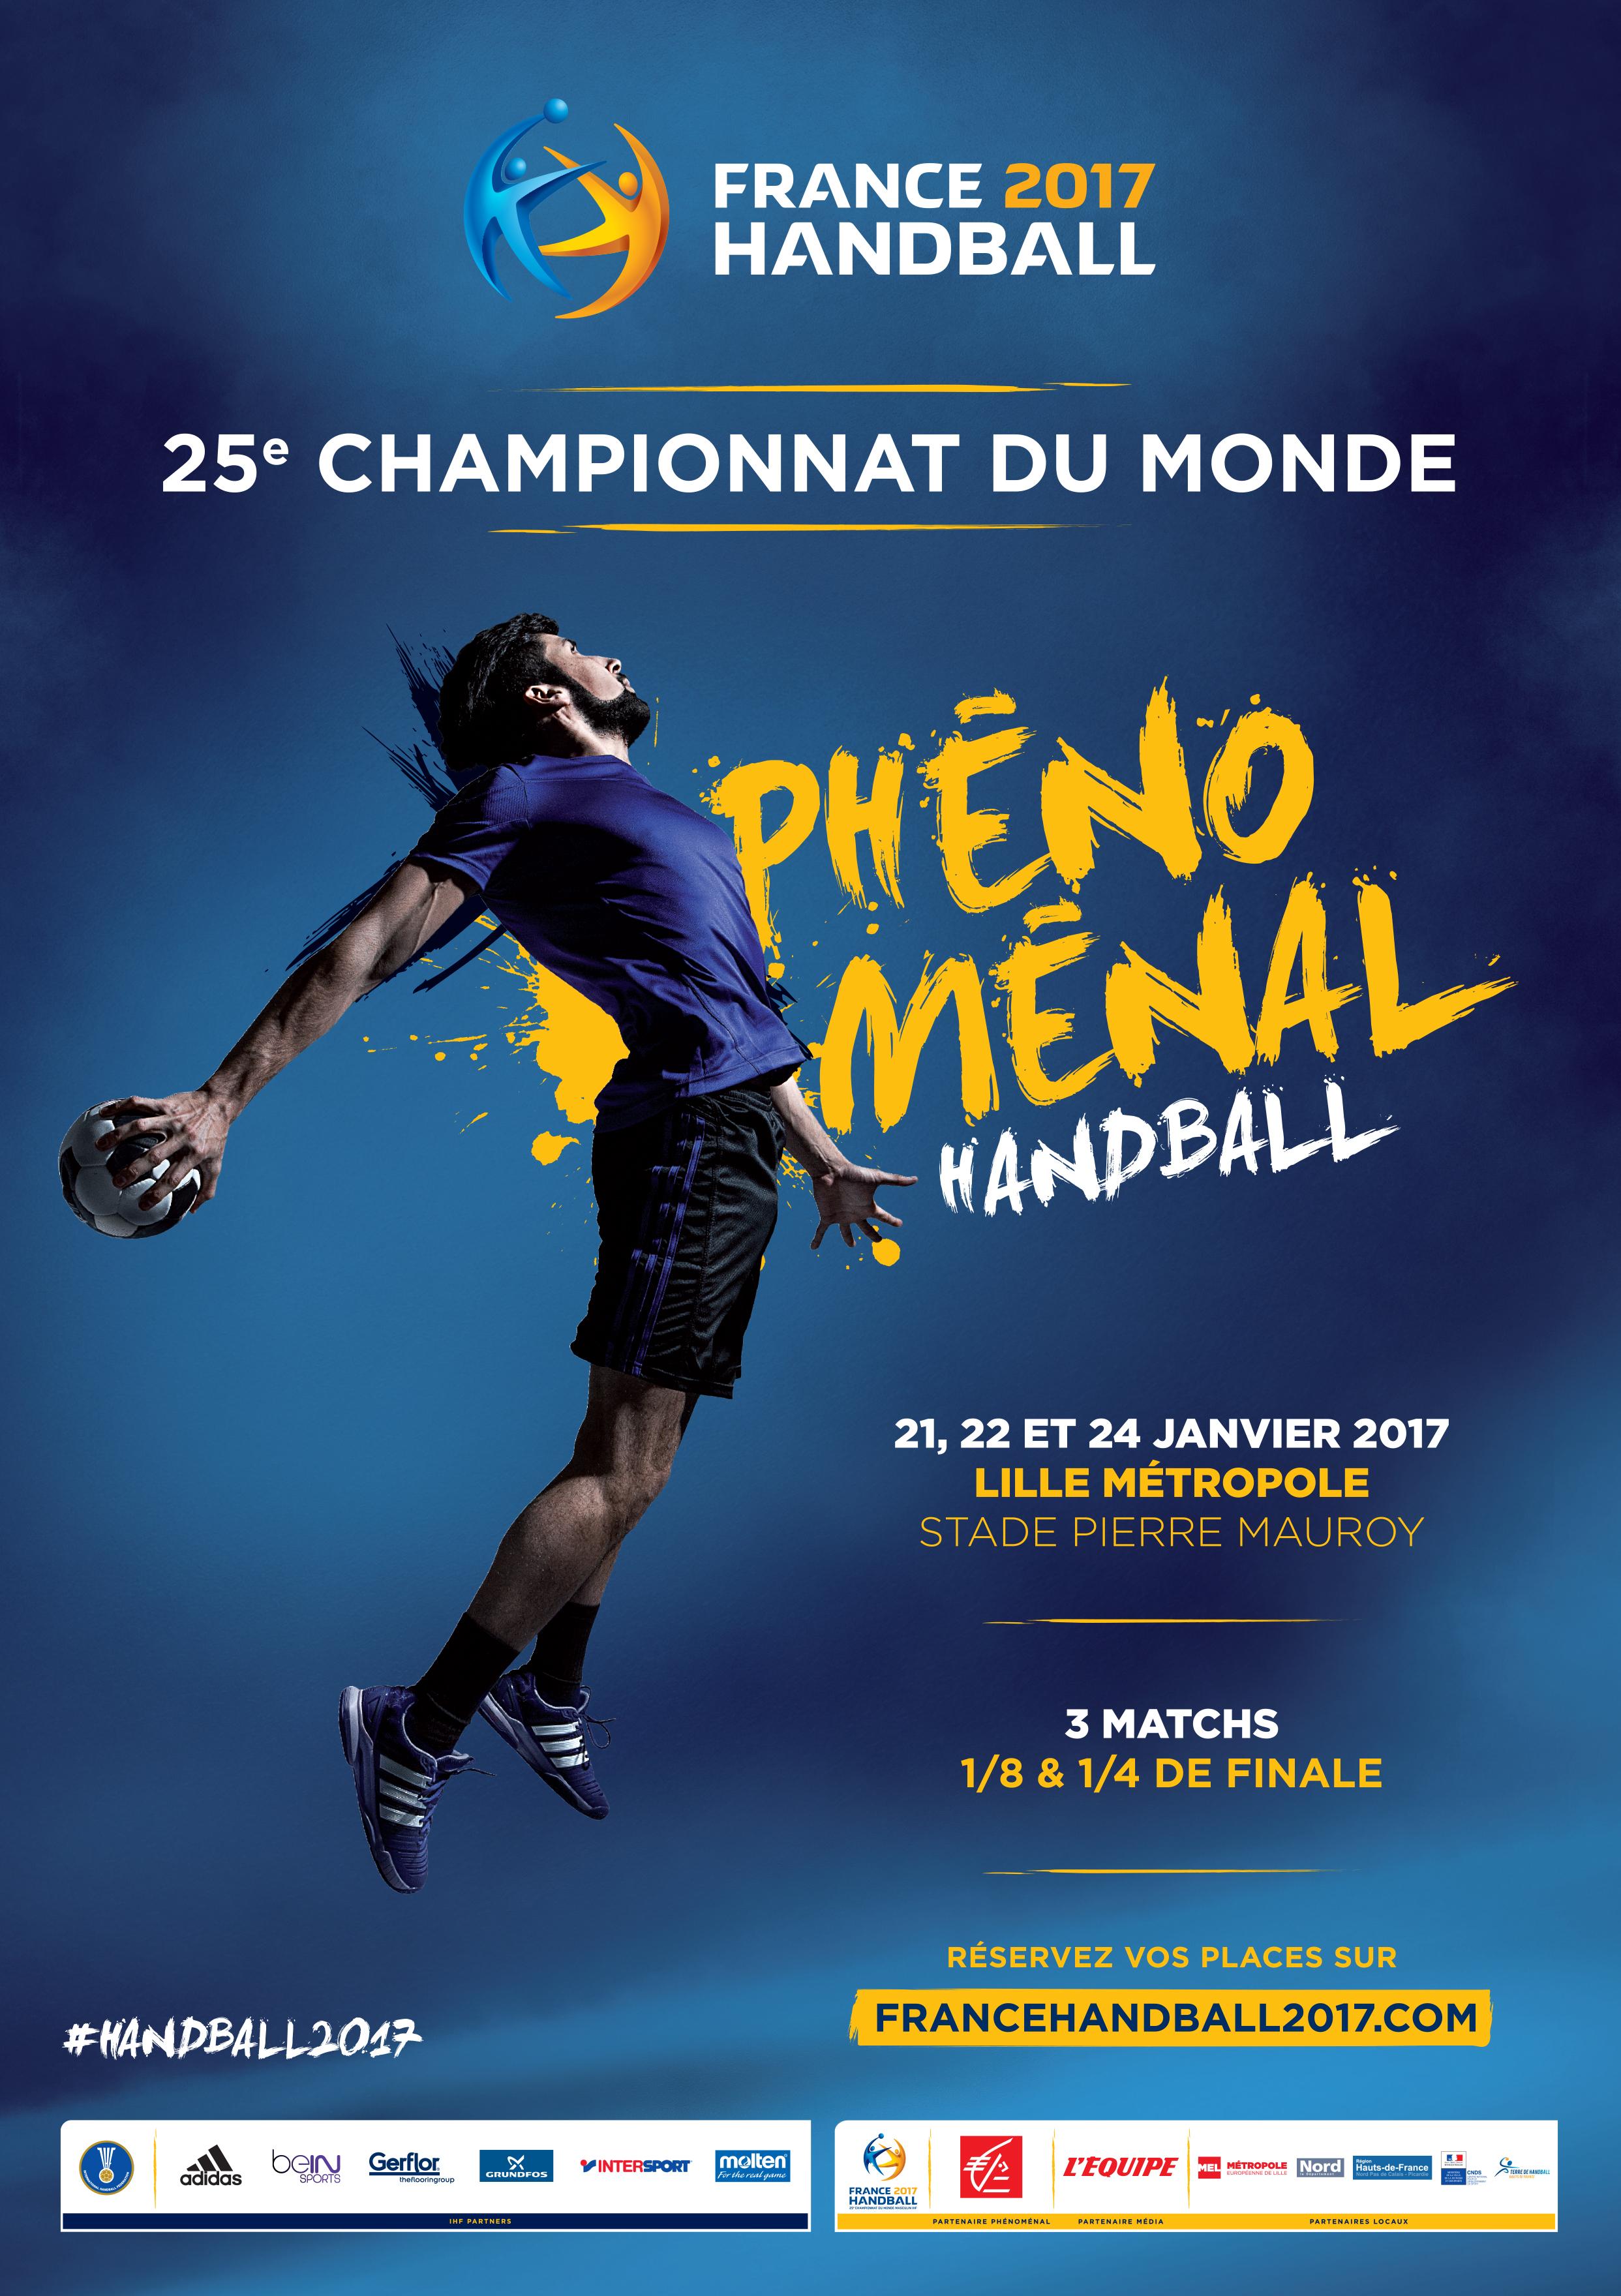 Championnat du monde de handball 2017 Villeneuve d Ascq Tourisme